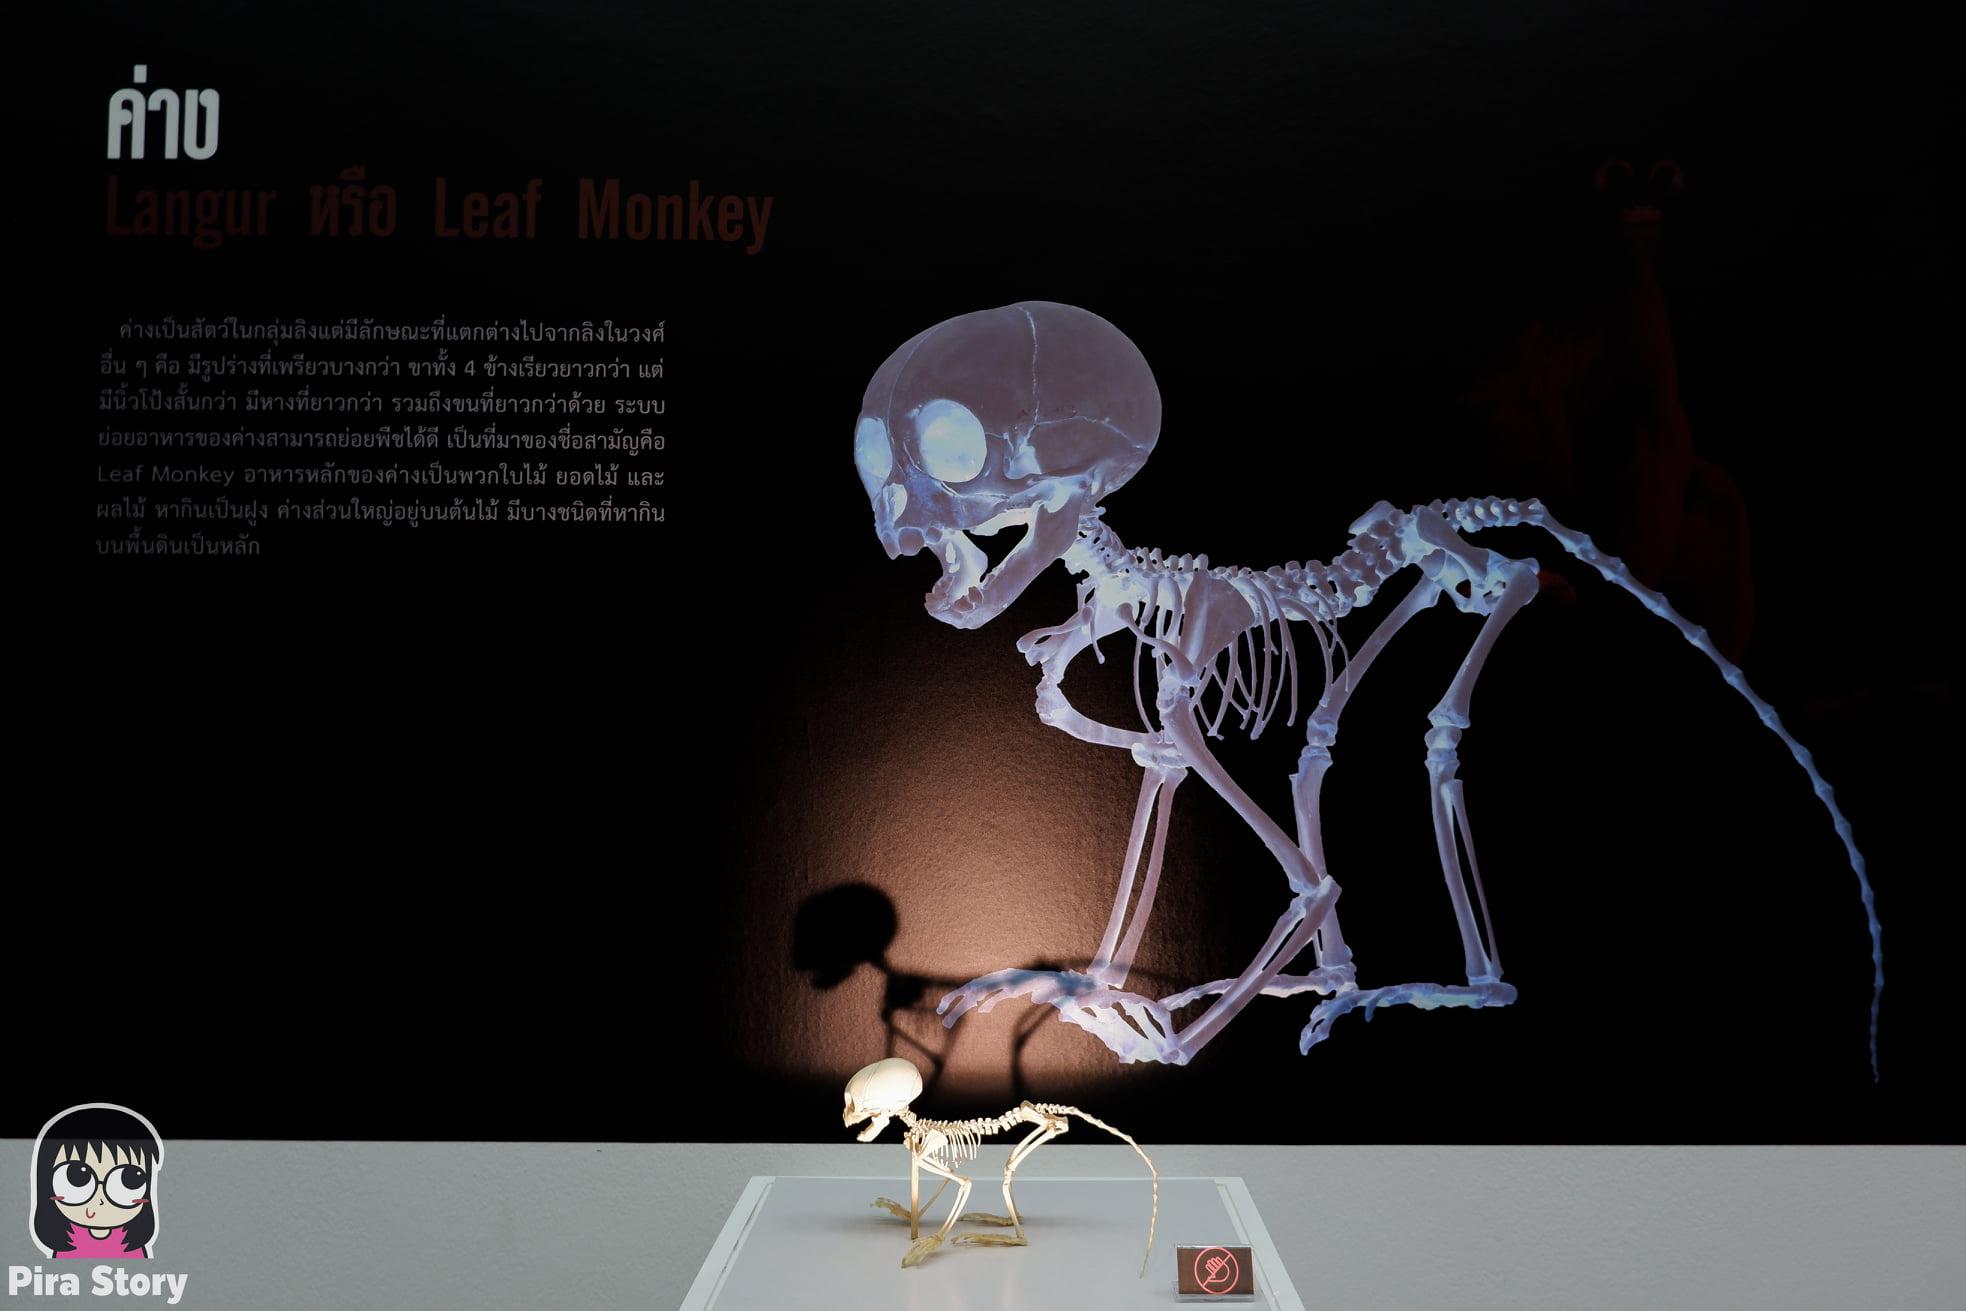 ความลับของโครงกระดูก Skeleton's Secrets ศึกษากายวิภาคสัตว์ ที่พิพิธภัณฑ์ จุฬาลงกรณ์มหาวิทยาลัย คณะวิทยาศาสตร์ ชีววิทยา Night at the museum 2020 เที่ยวพิพิธภัณฑ์ เที่ยวกรุงเทพ สยาม กระดูกสัตว์ กายวิภาคศาสตร์ โครงสร้างร่างกาย โครงสร้างกระดูก สัตว์เลี้ยงลูกด้วยนม สัตว์มีกระดูกสันหลัง กระดูกค่าง ค่าง ค่างแว่น